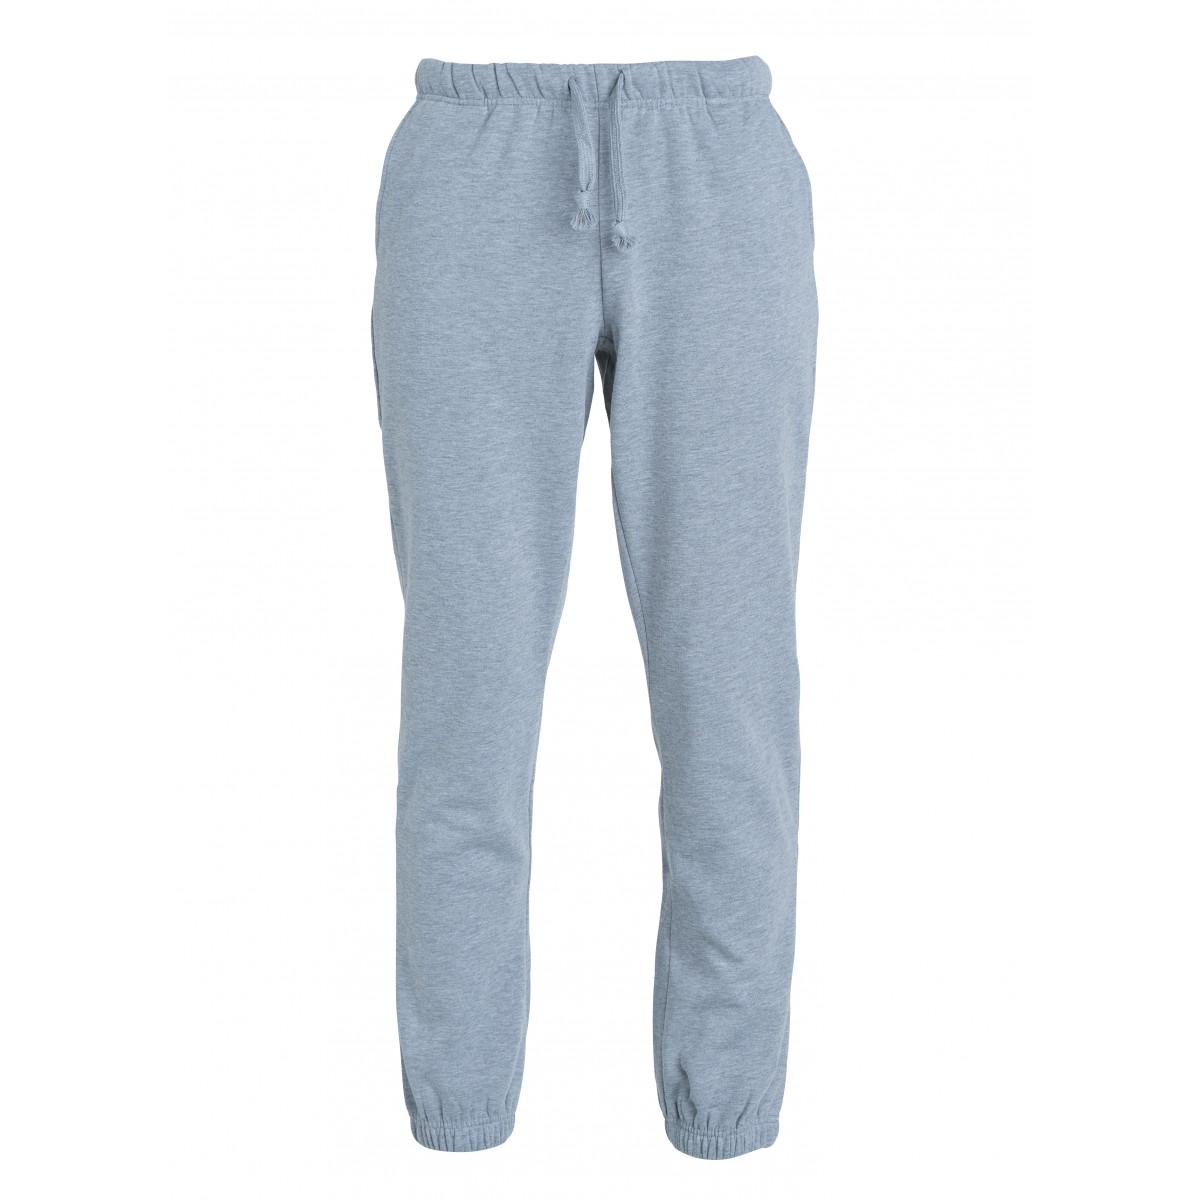 Брюки детские 021027 Basic Pants Junior - Серый меланж